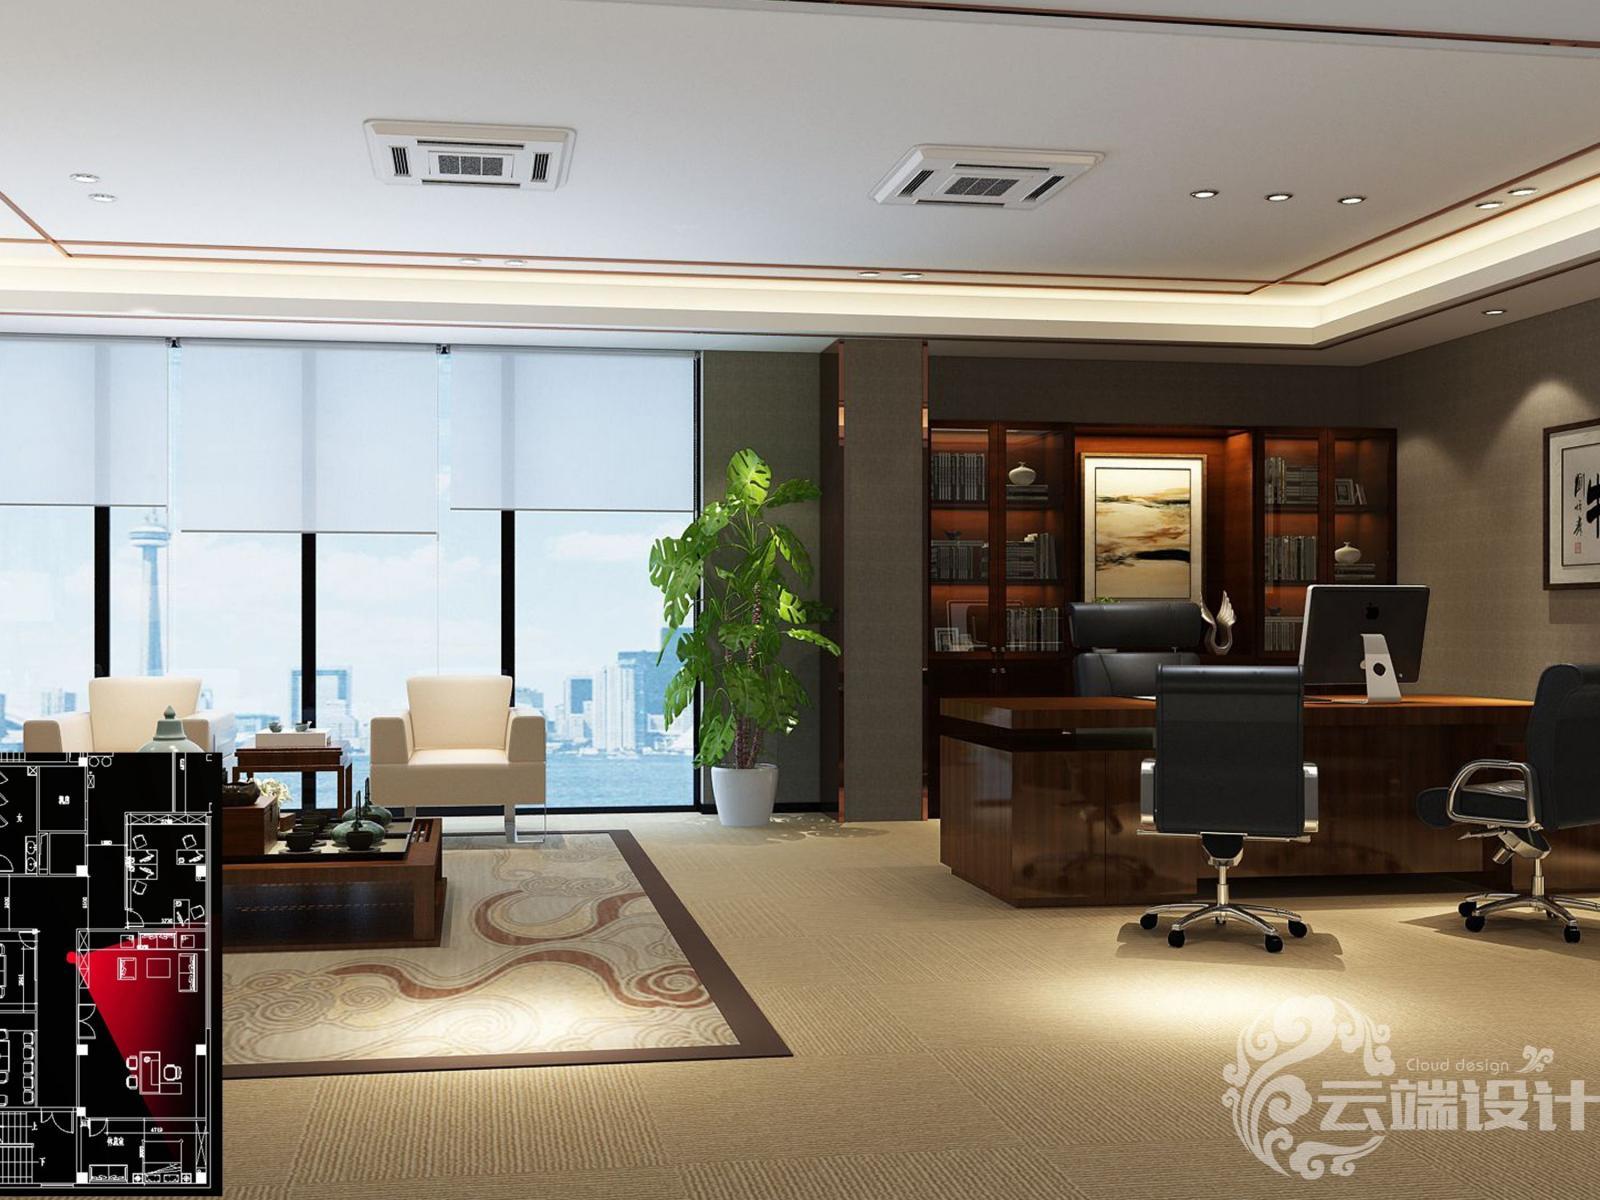 【云端装饰】办公大楼装修